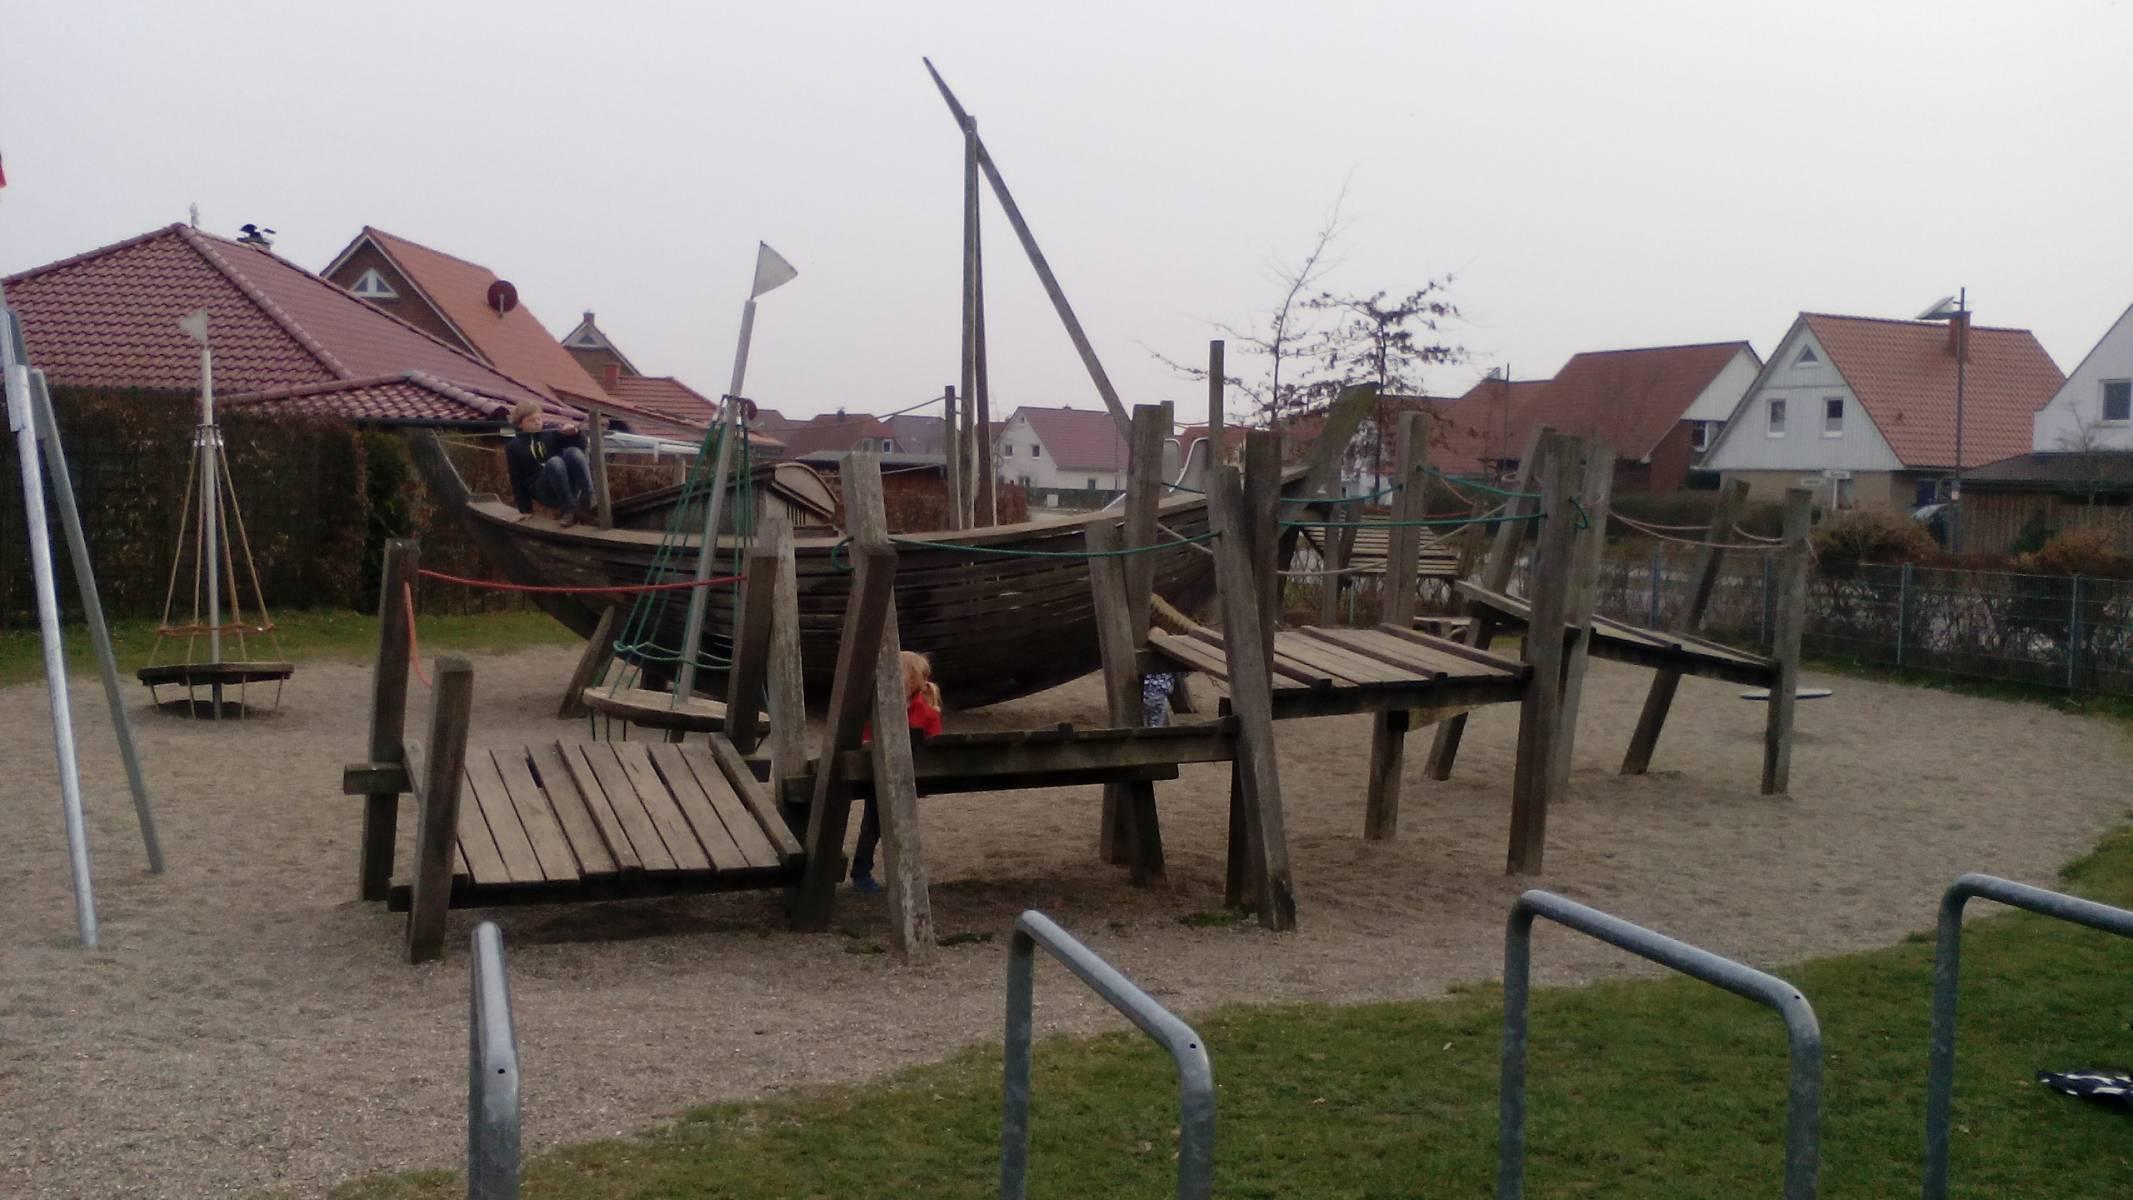 Bornkamp Lübeck